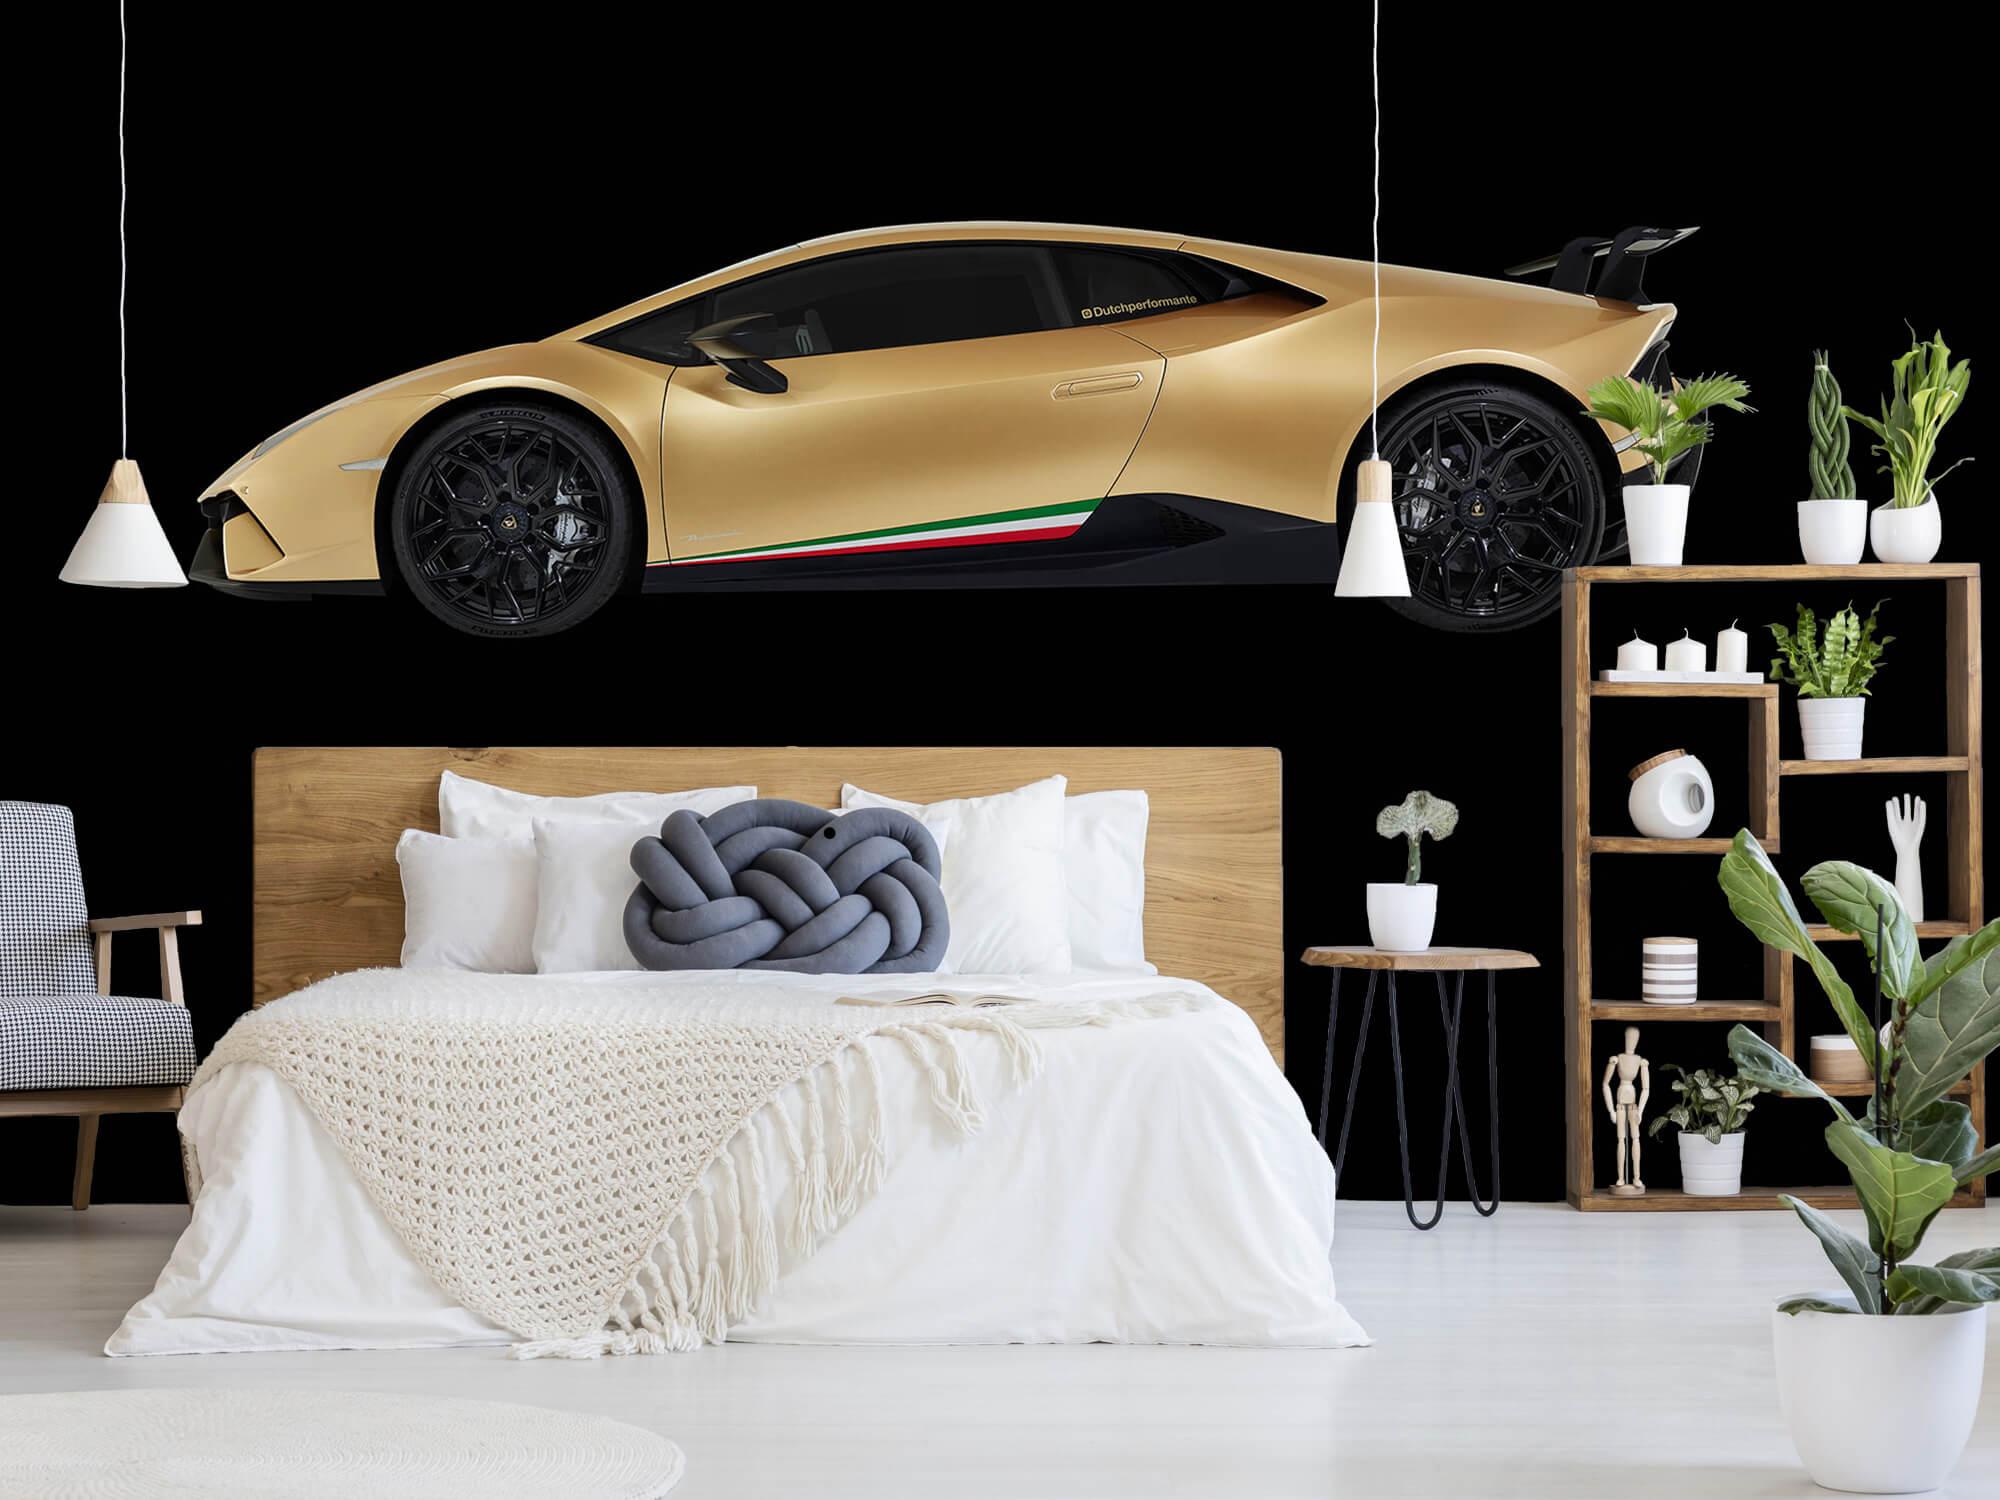 Wallpaper Lamborghini Huracán - Sida, svart 5